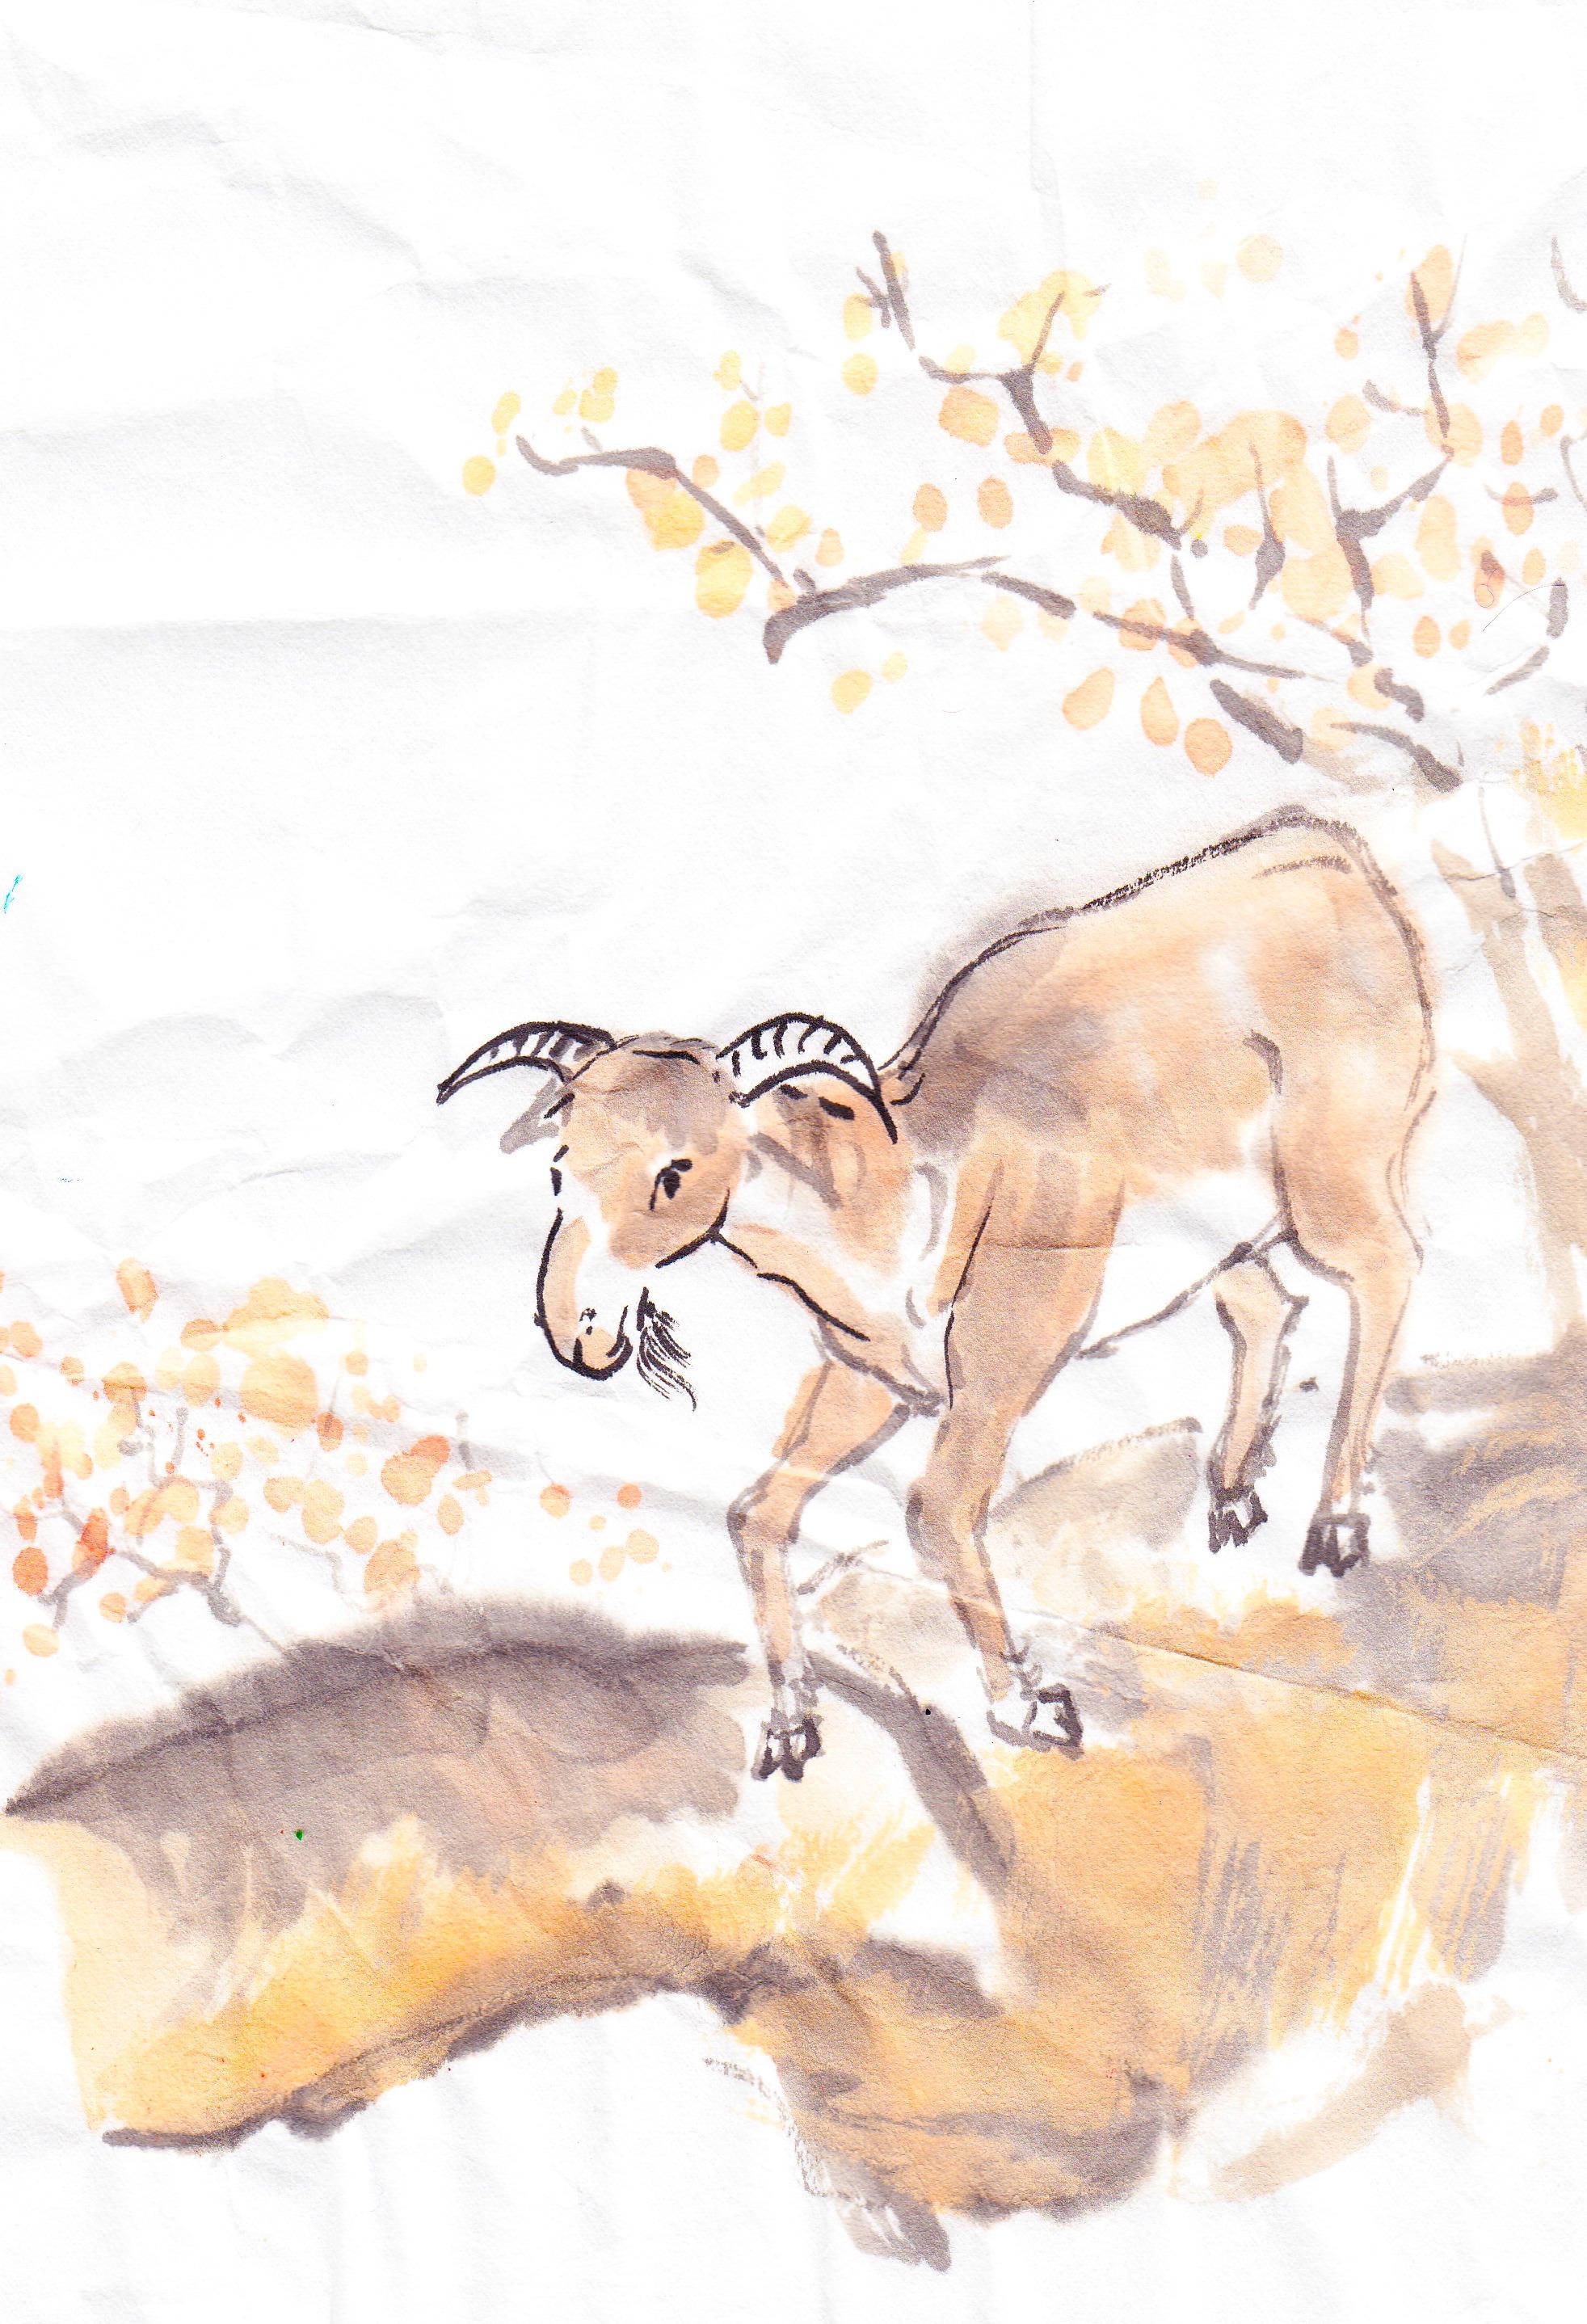 Ram goat sheepall the same followmybrushmarks goatyear buycottarizona